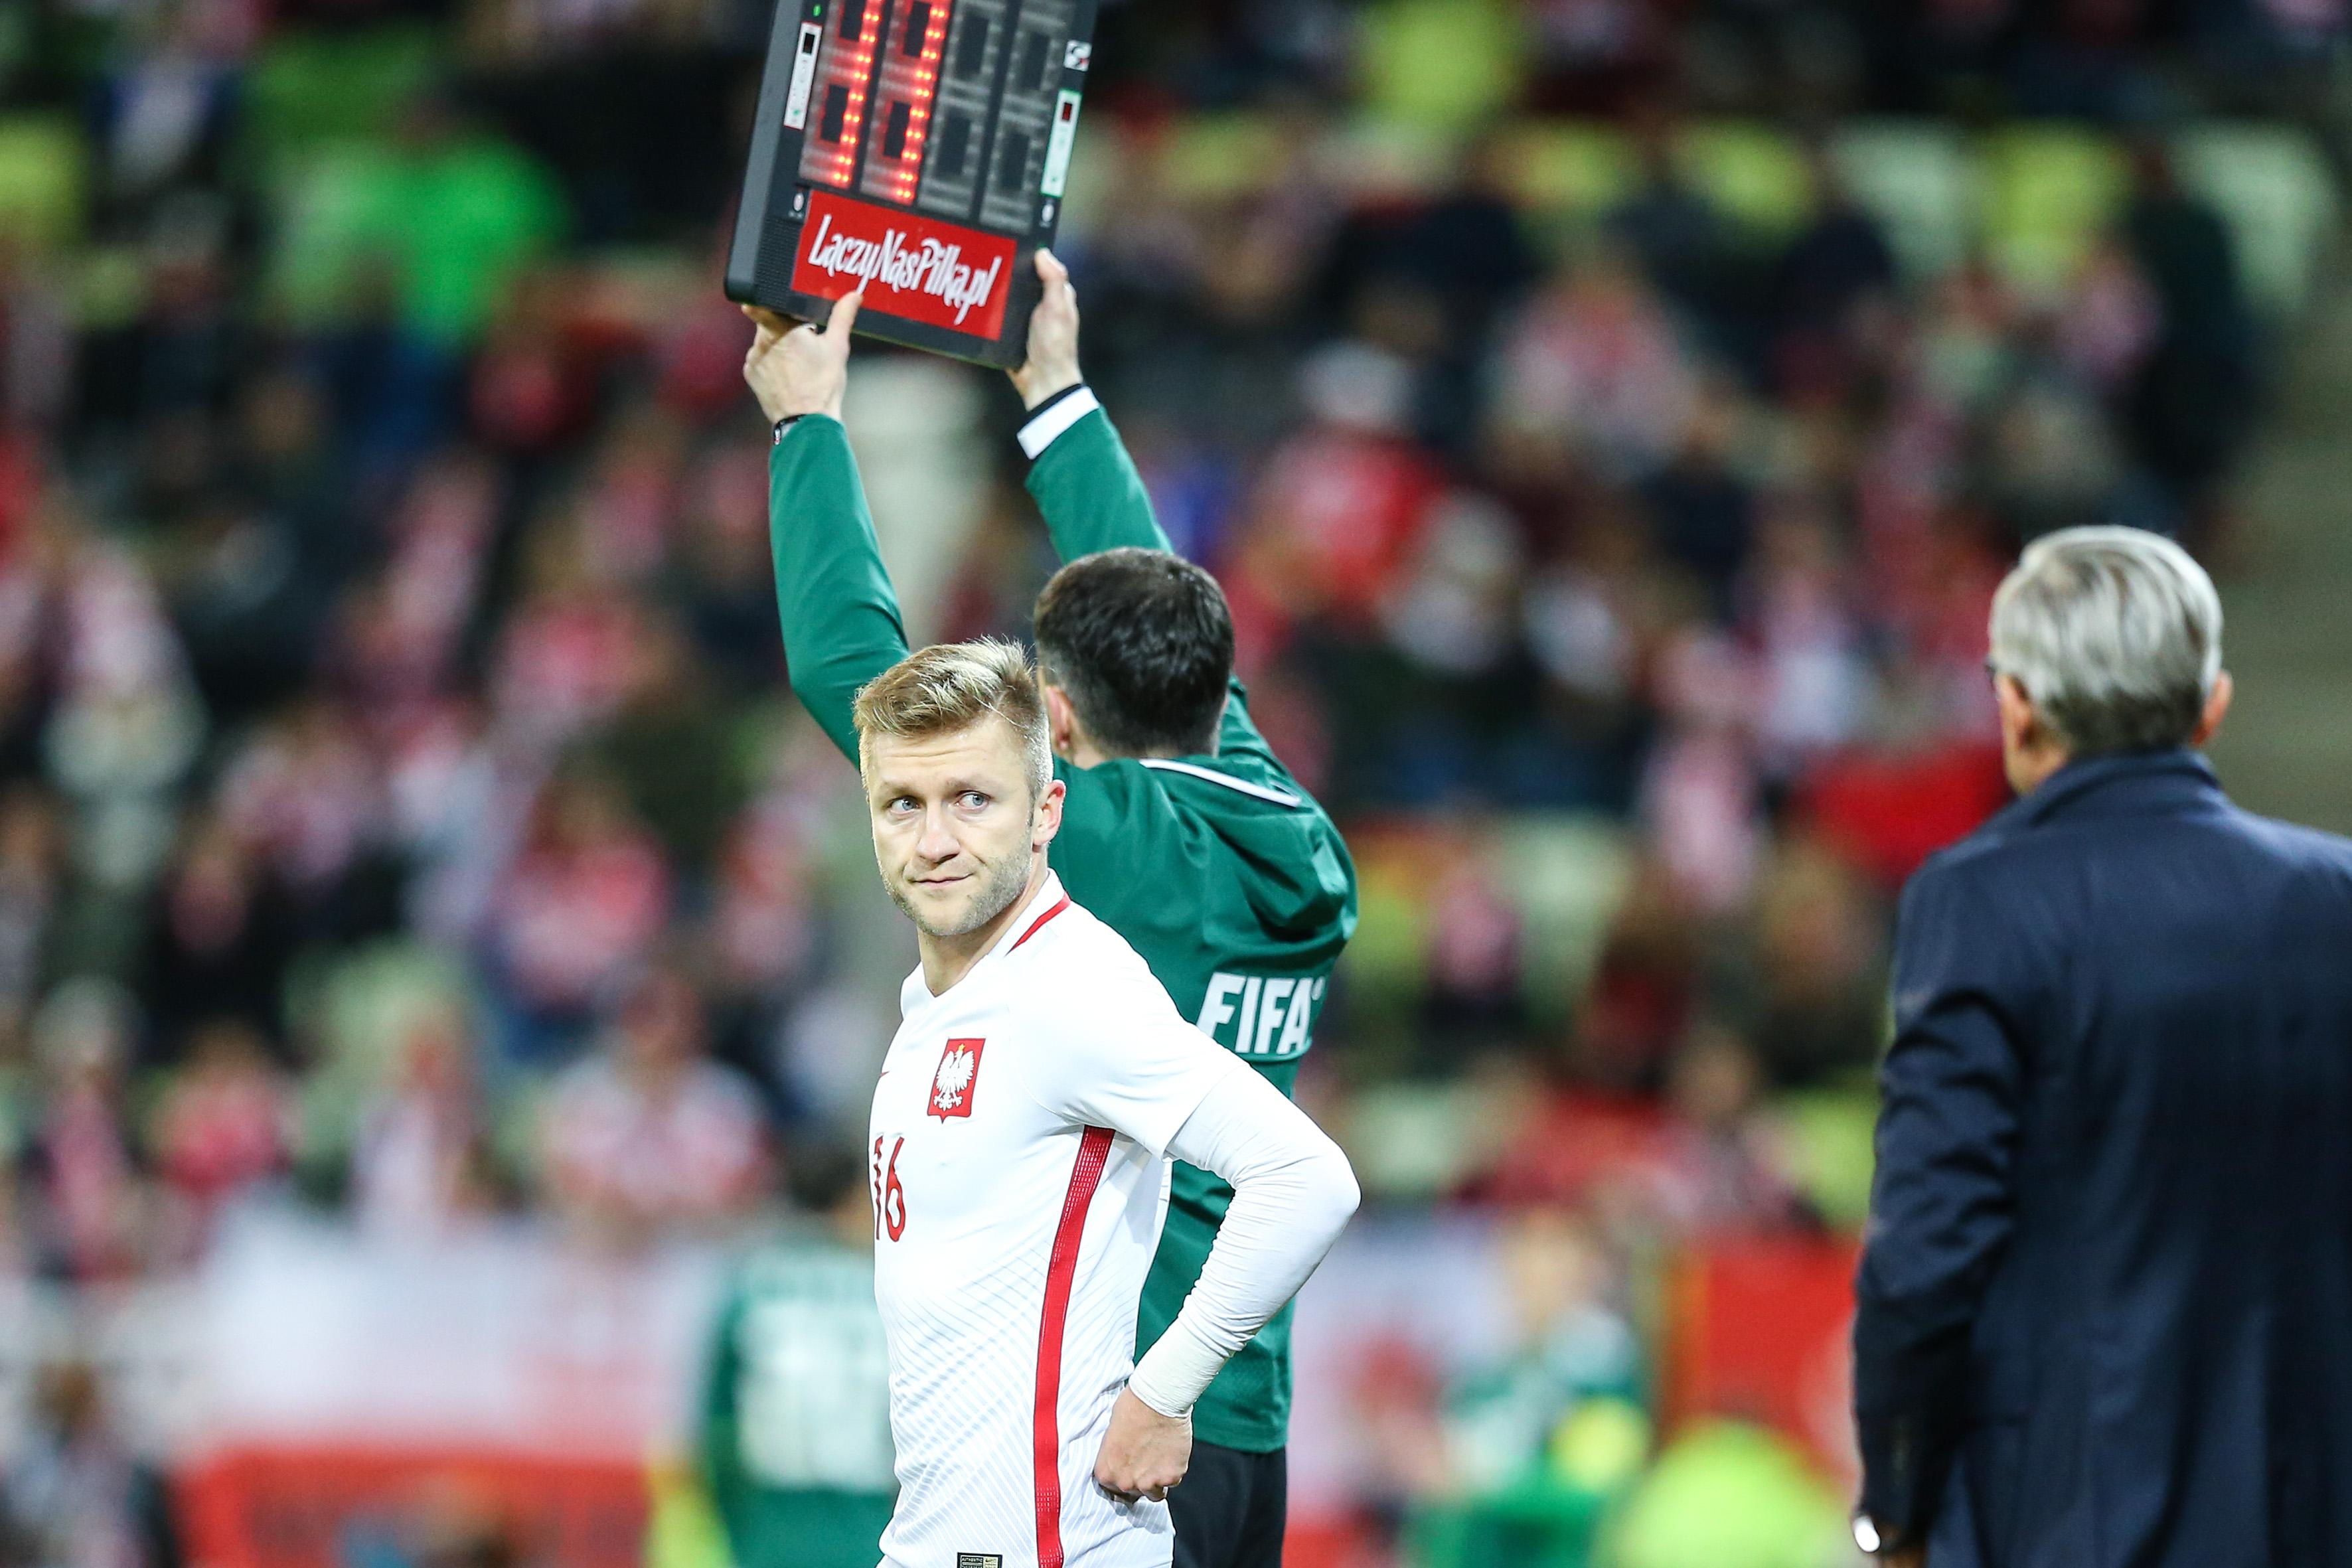 ac7790a36 Jakub Błaszczykowski - wielki piłkarz pokonał demony i wspiera talenty  [GALERIA] - Super Express